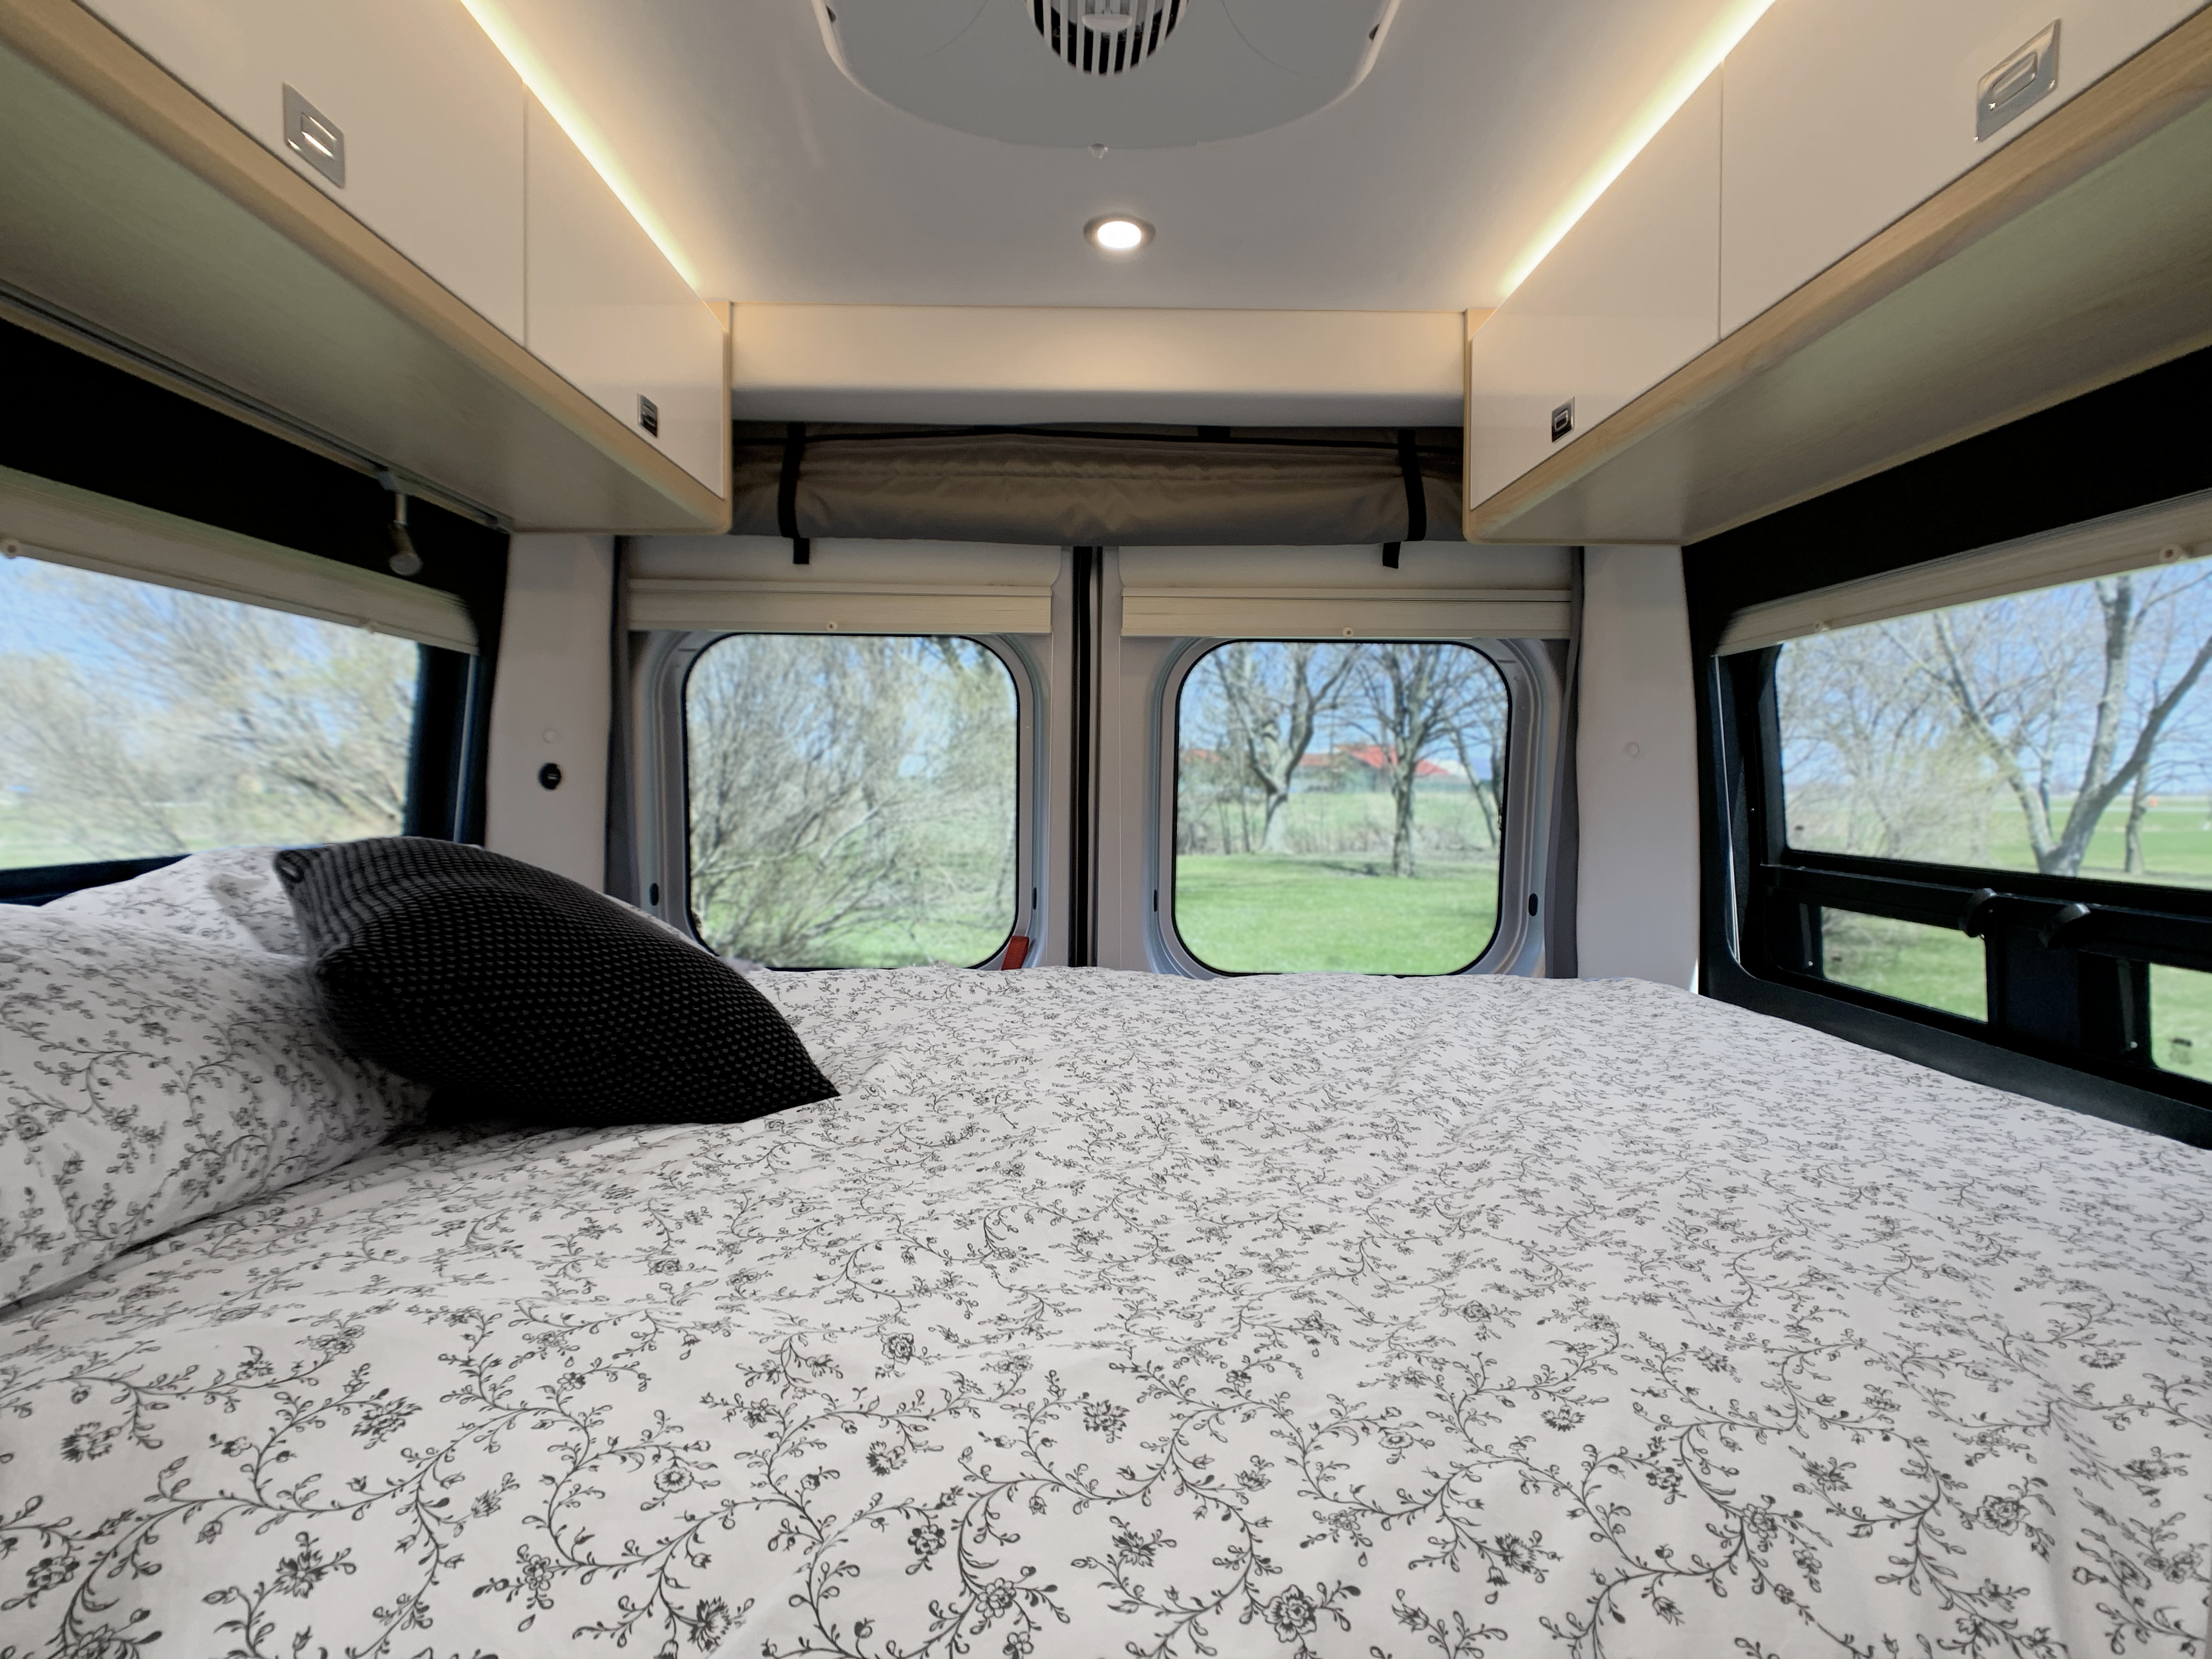 Panoramic RV - 360 degree room